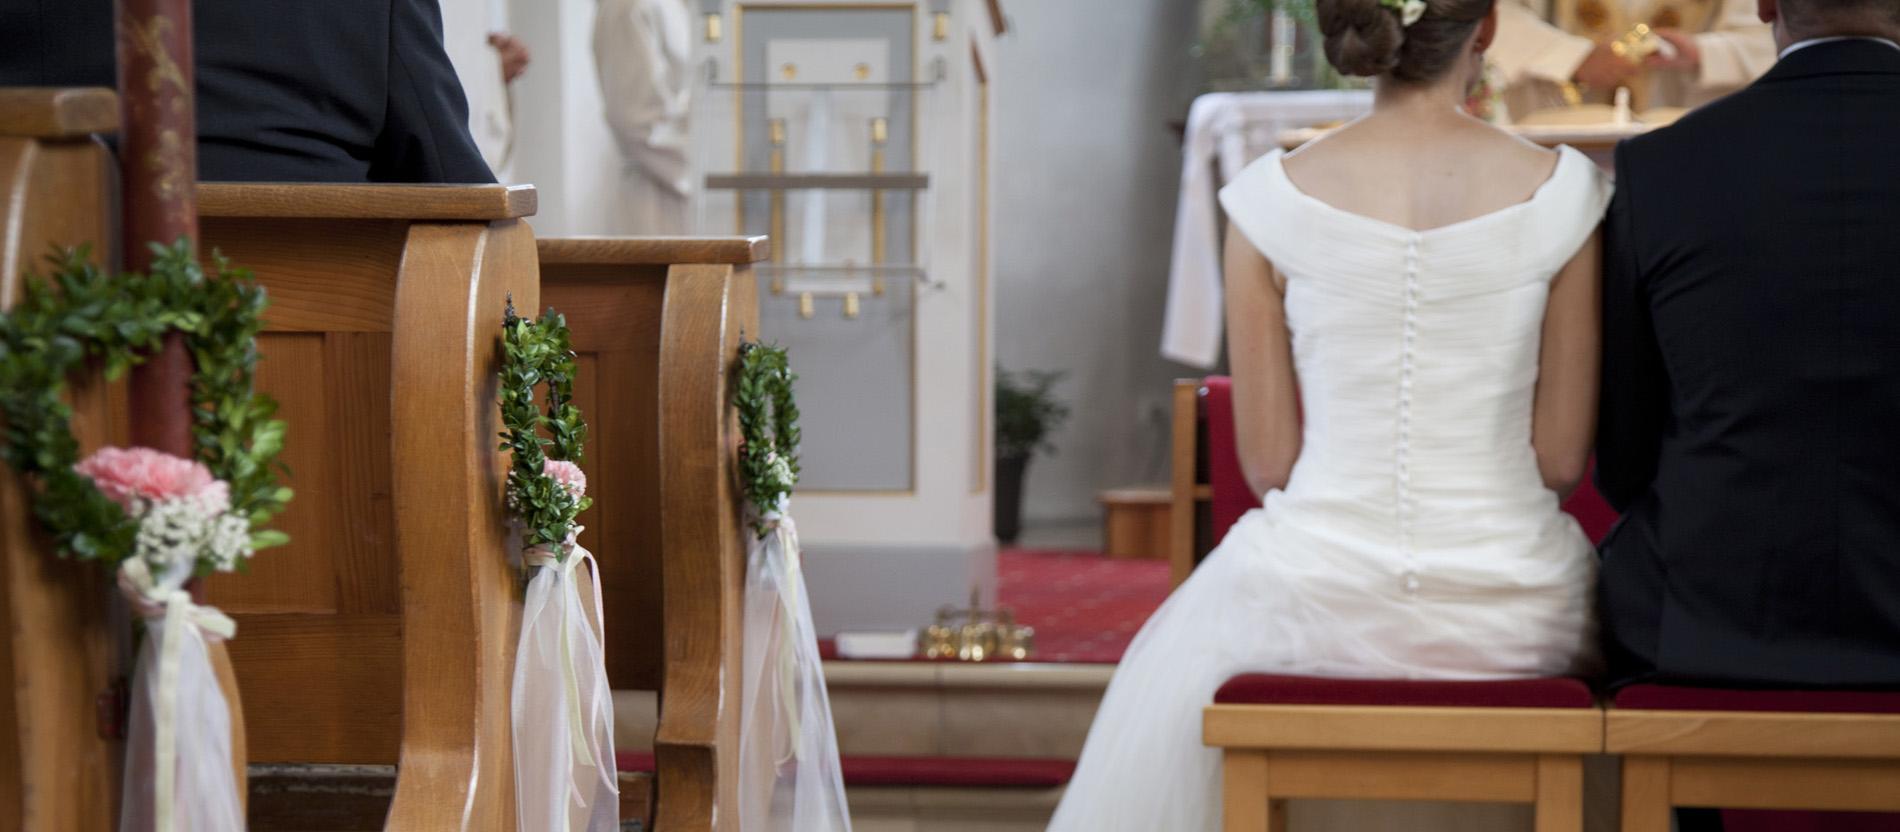 Die Ehe Wir Heiraten Unsere Hochzeit Katholischde